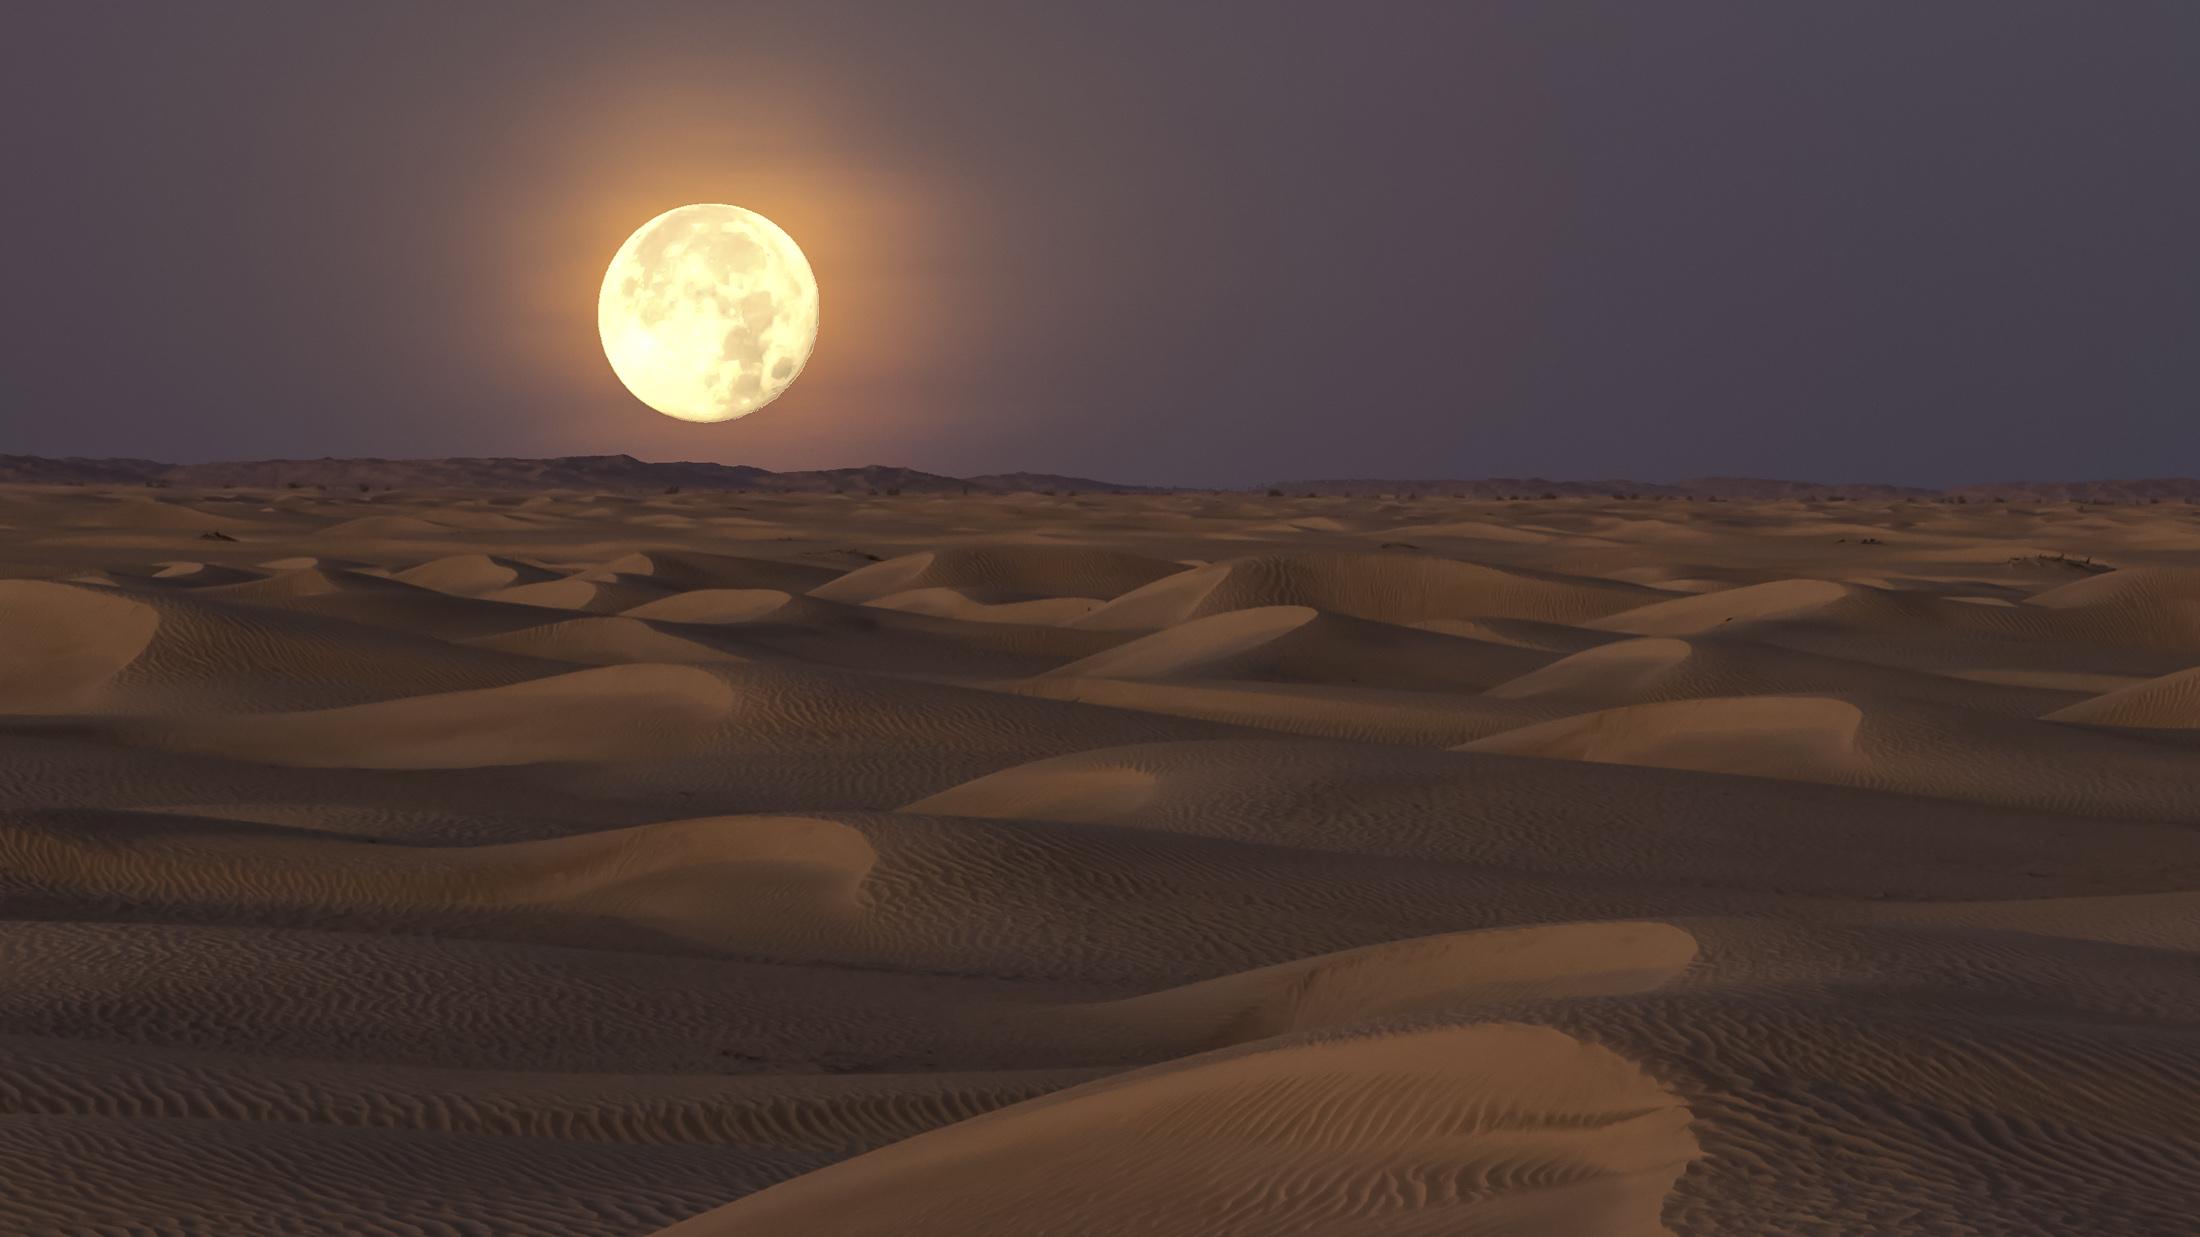 Vollmond in der Wüstenlandschaft